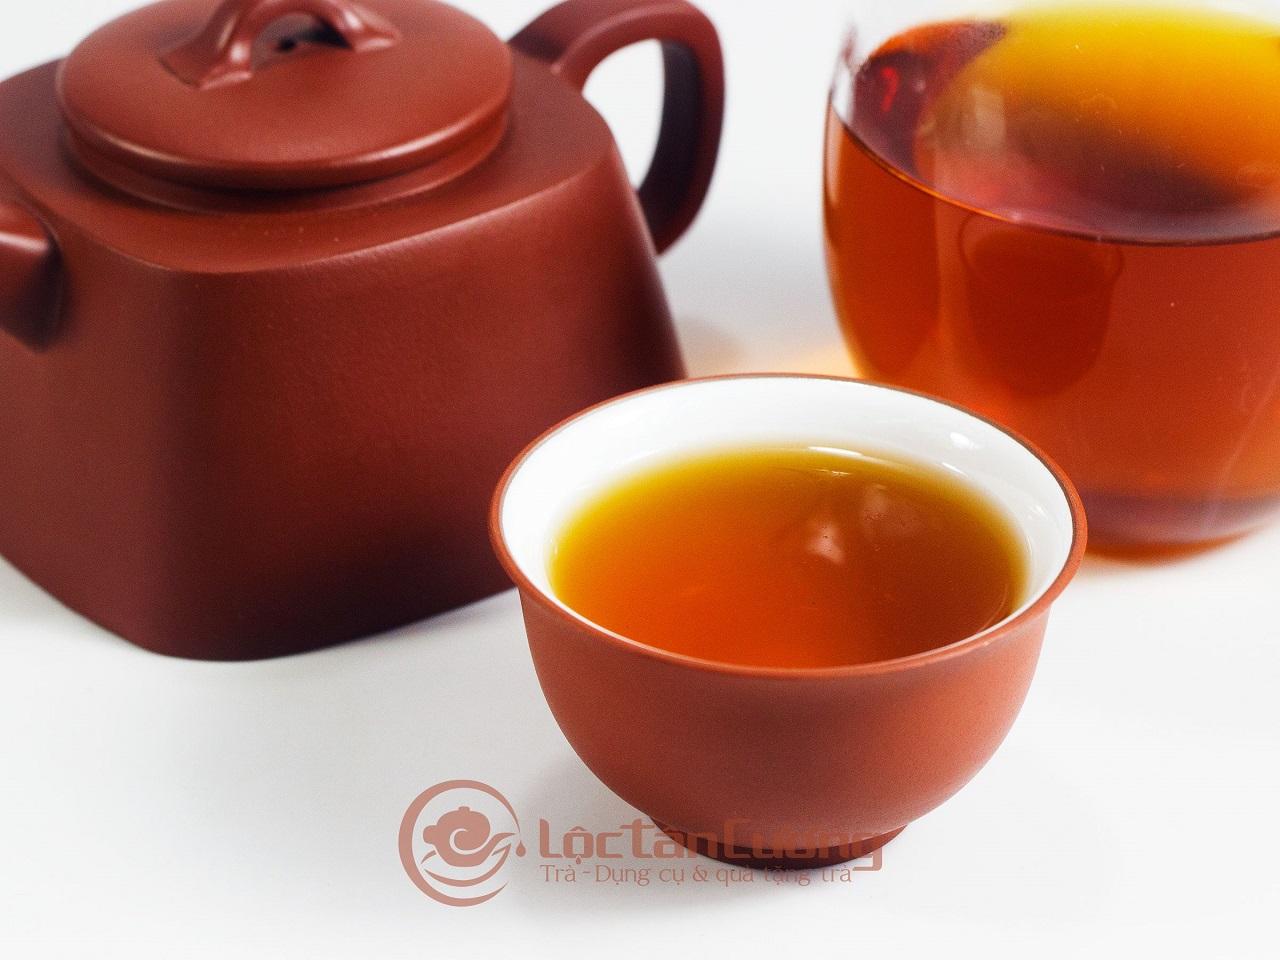 Hồng Trà Cổ Thụ Hà Giang nếu được bảo quản tốt sẽ để được rất lâu và càng thơm ngon hơn. Trà pha rất được nước, pha đến 7 lần nước nhưng vẫn giữ được hương vị thơm ngon.